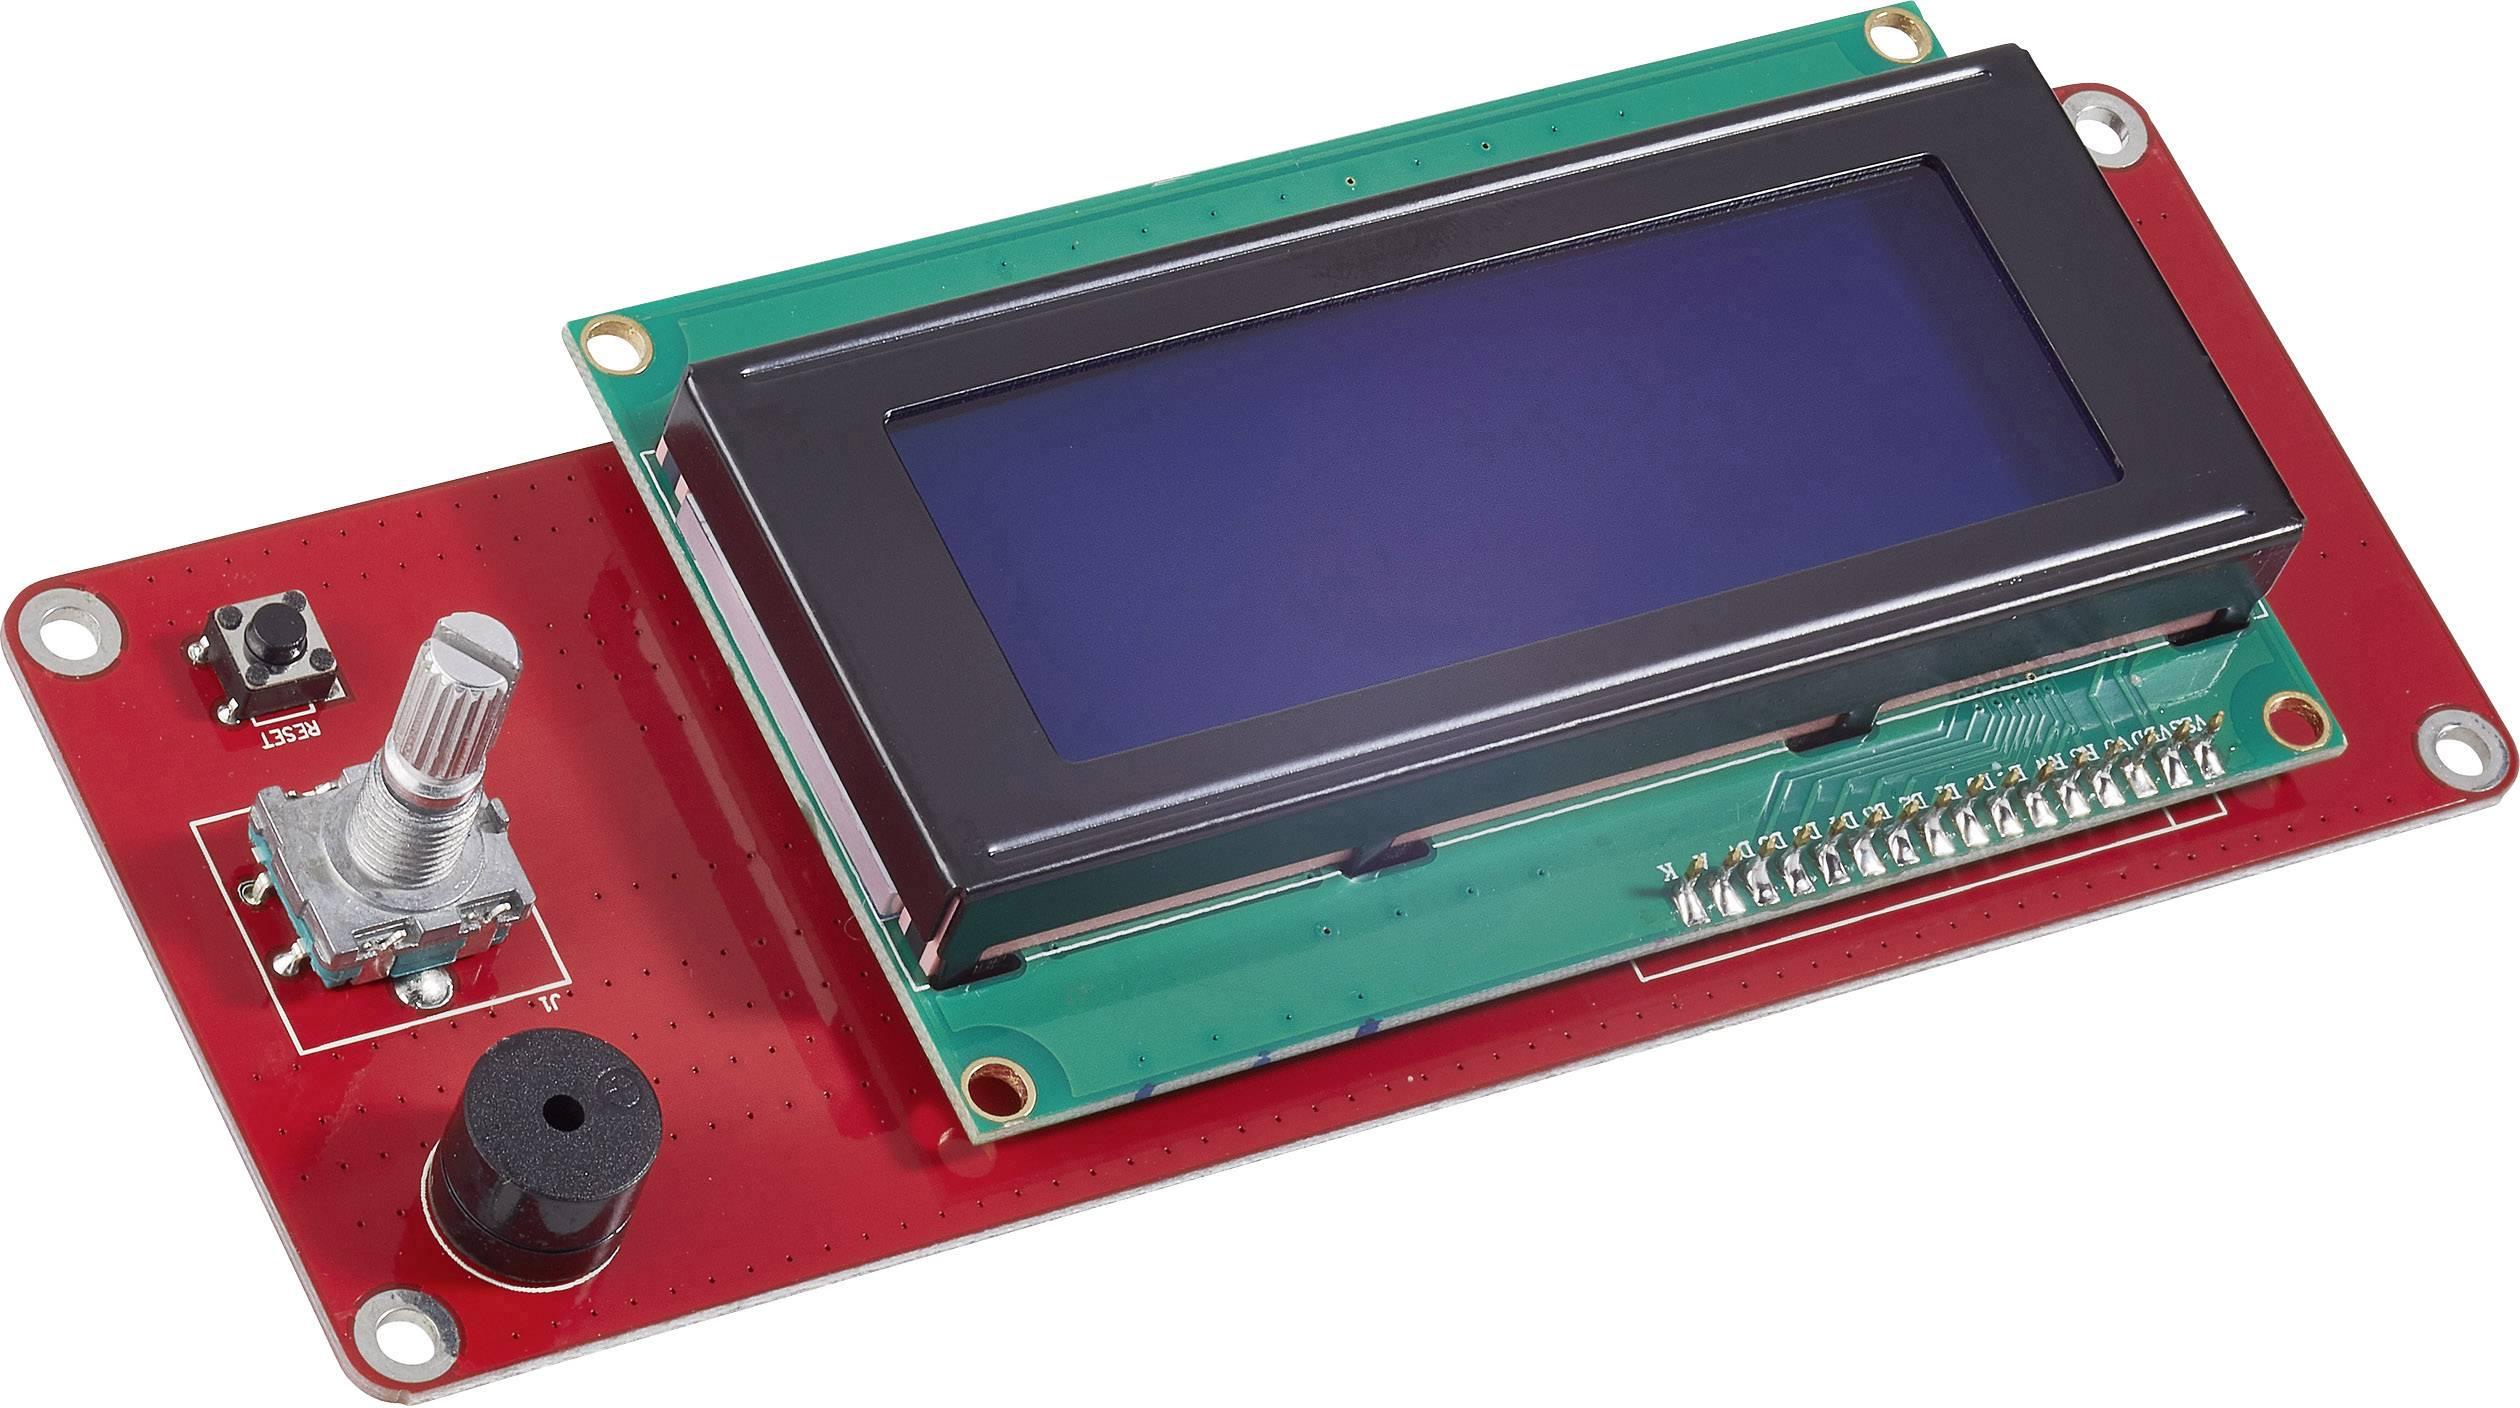 Displej PCB, vhodný pro 3D tiskárnu renkforce RF100, renkforce RF100 v2, zdokonalená verze